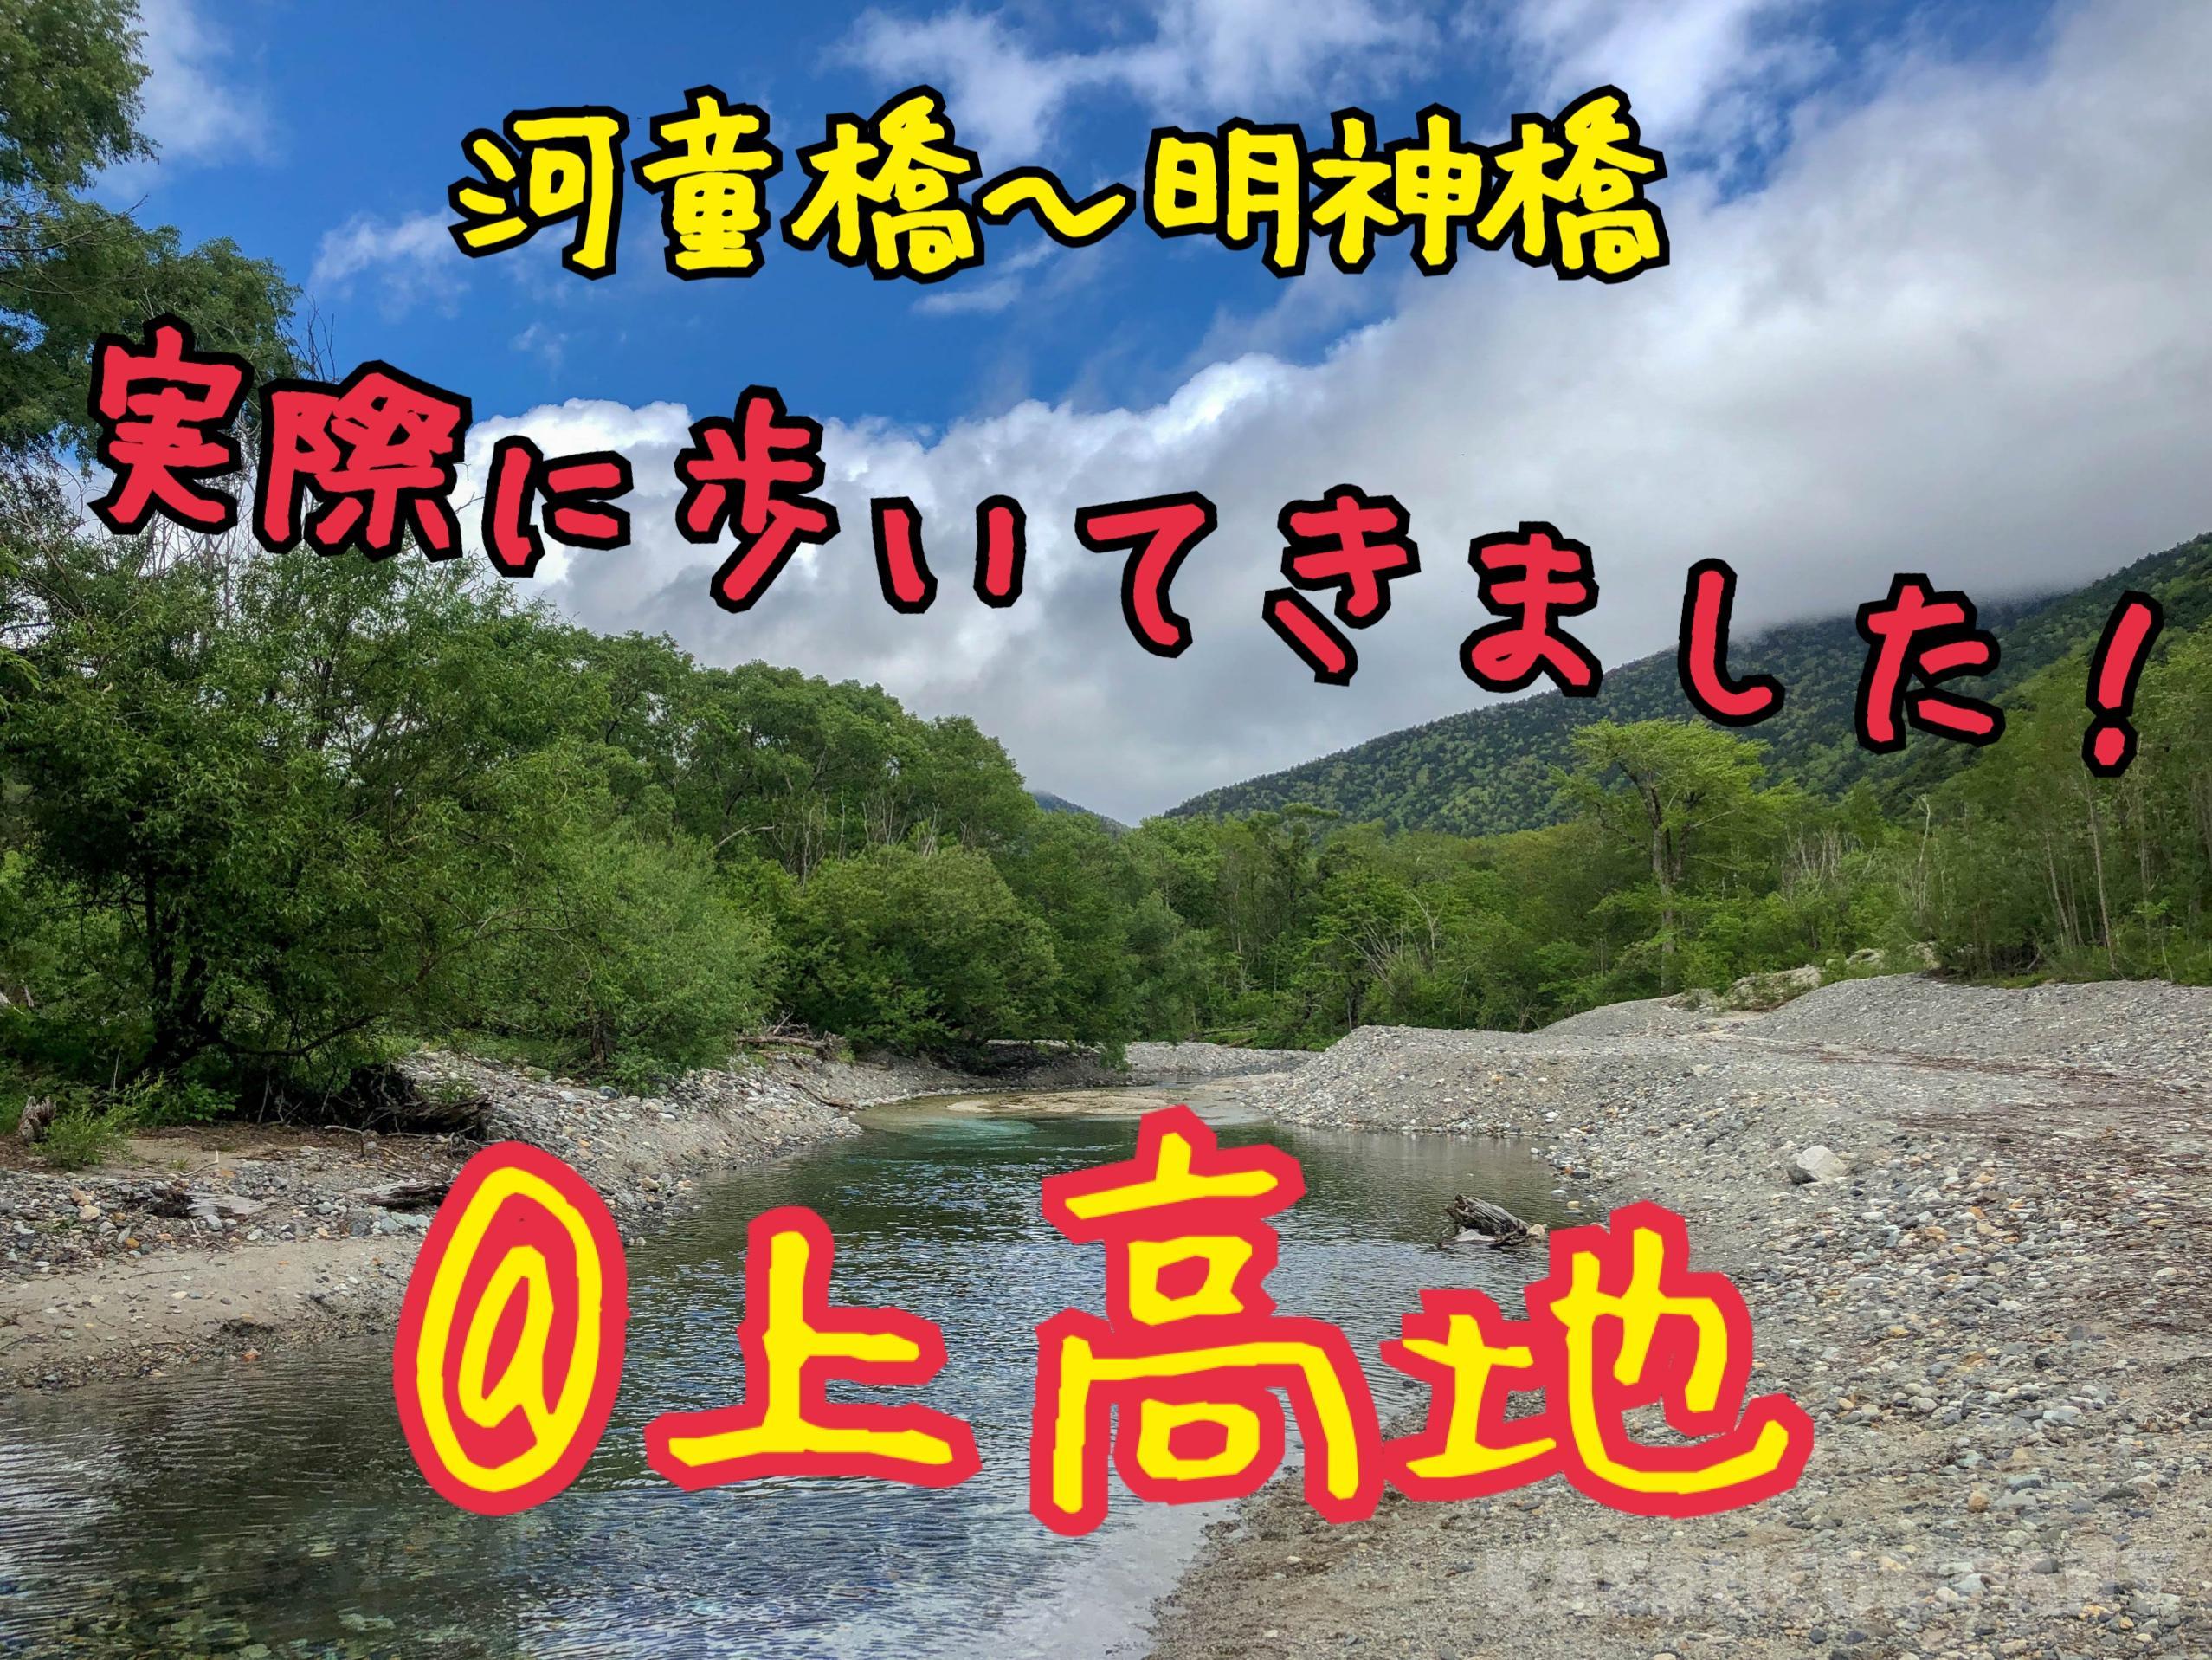 河童橋から明神池まで歩いてきた@上高地